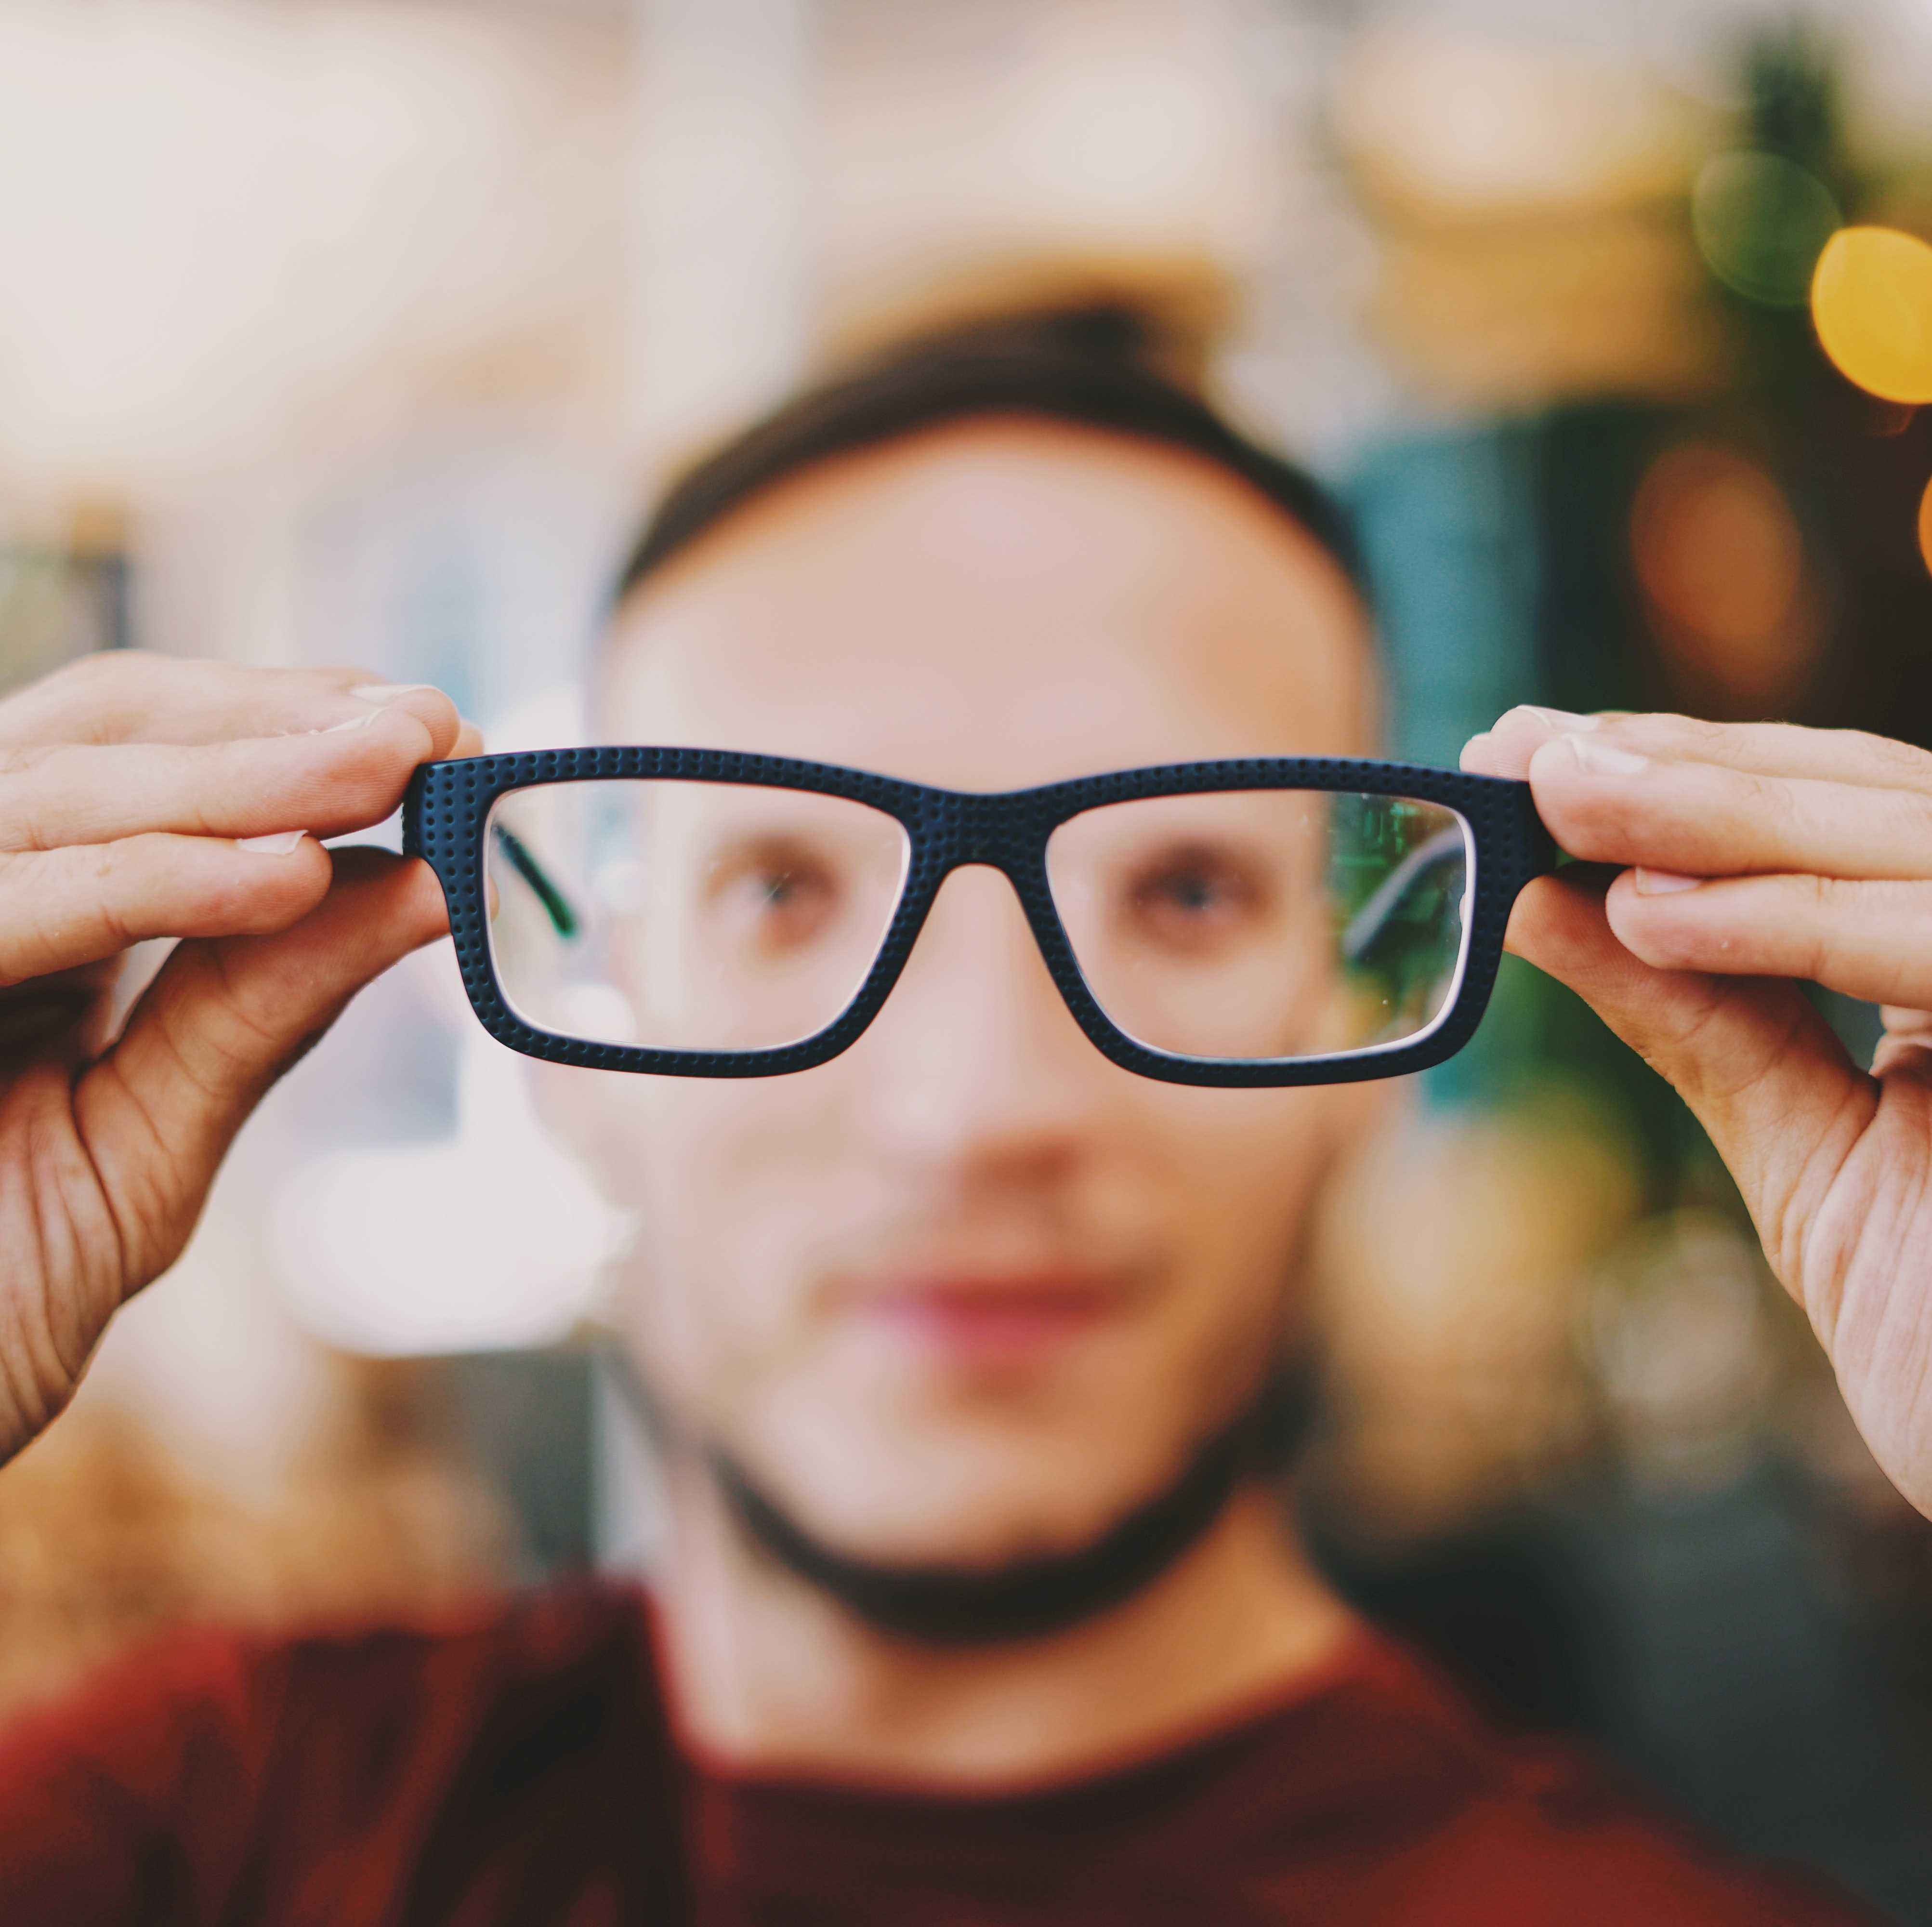 نکاتی که لازم است راجع به مراقبت از چشم بدانید